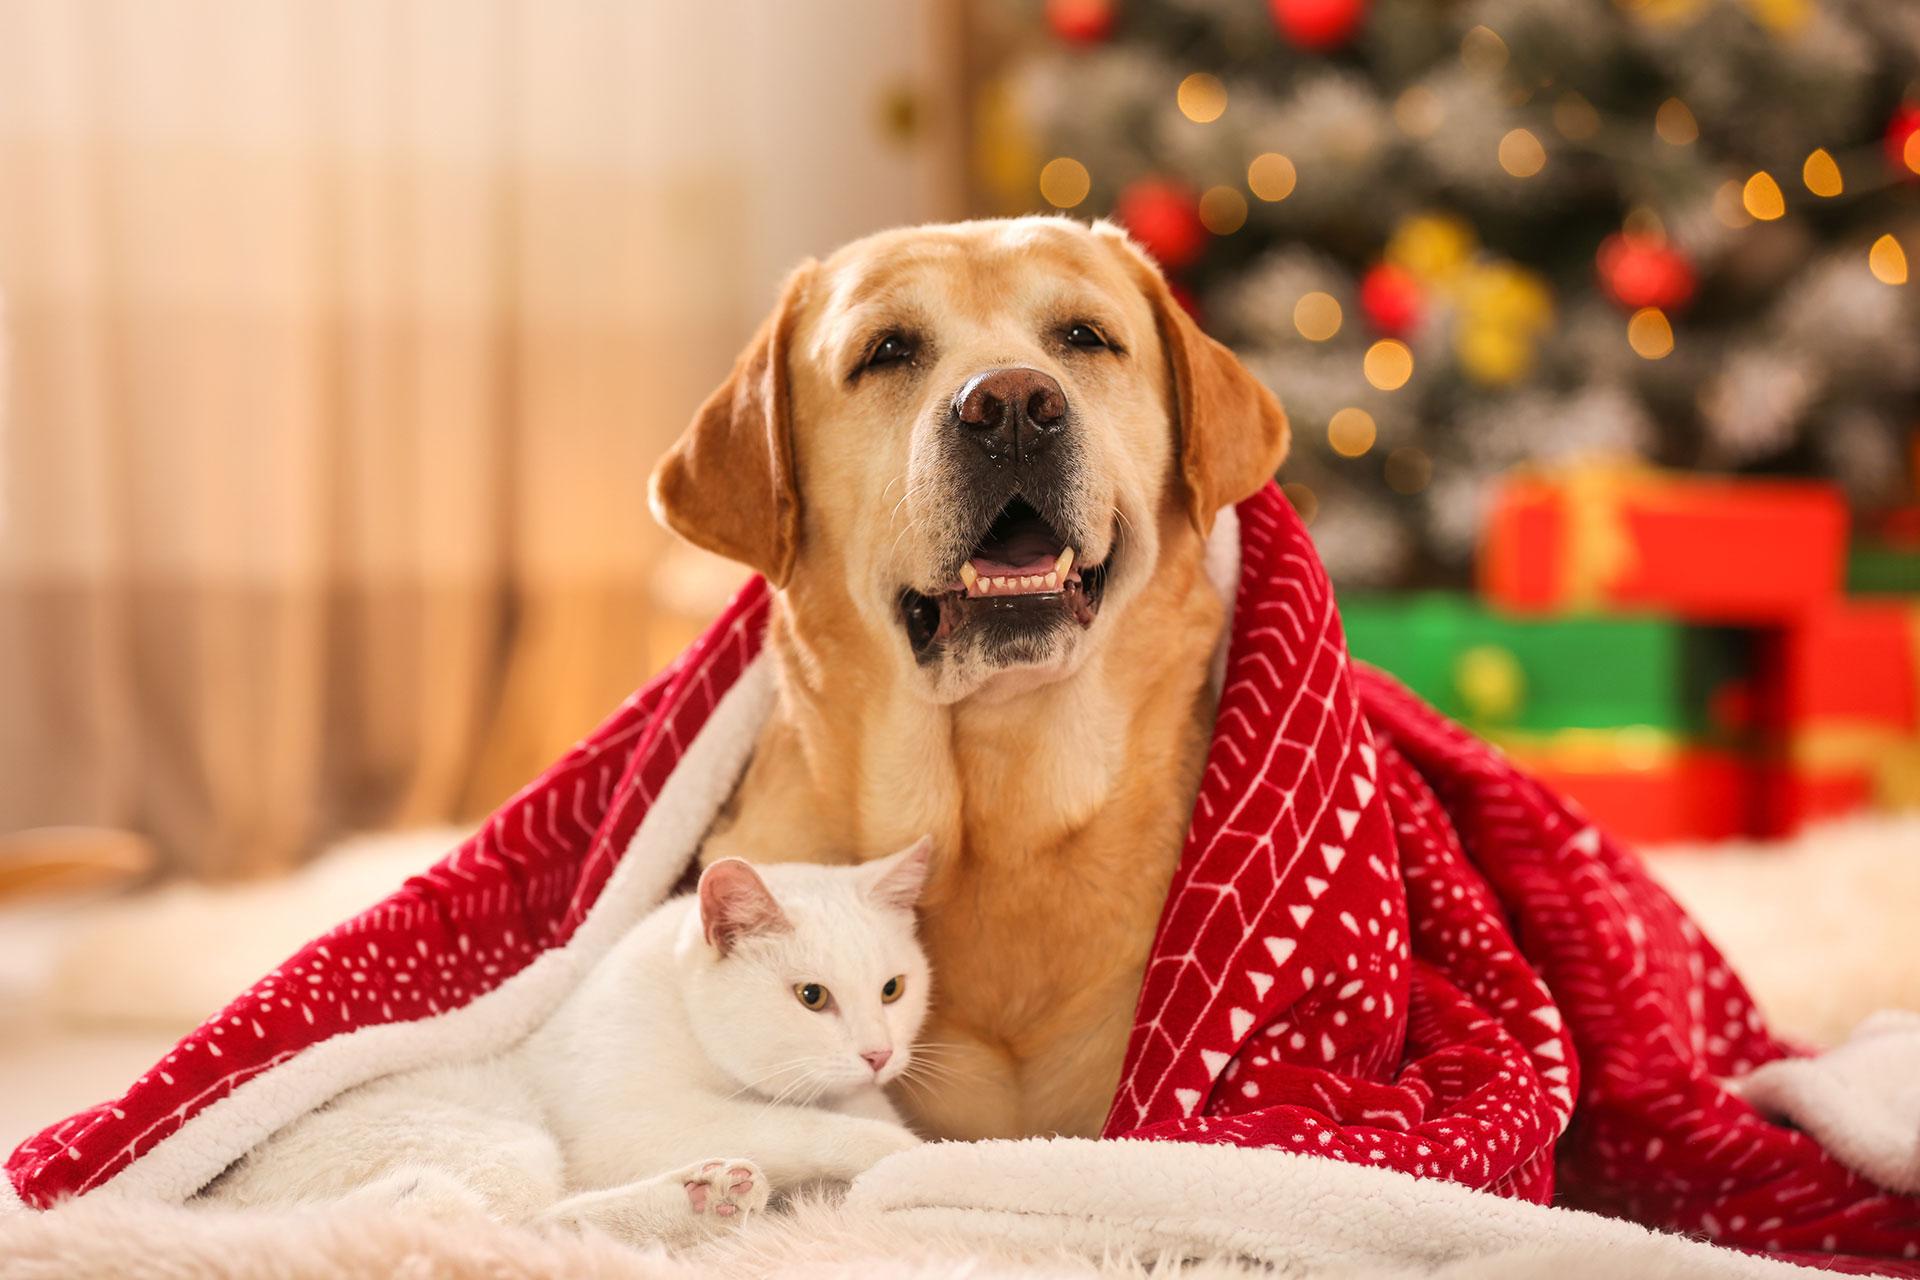 Święta Bożego Narodzenia-trudny czas dla zwierząt domowych - Zdjęcie główne